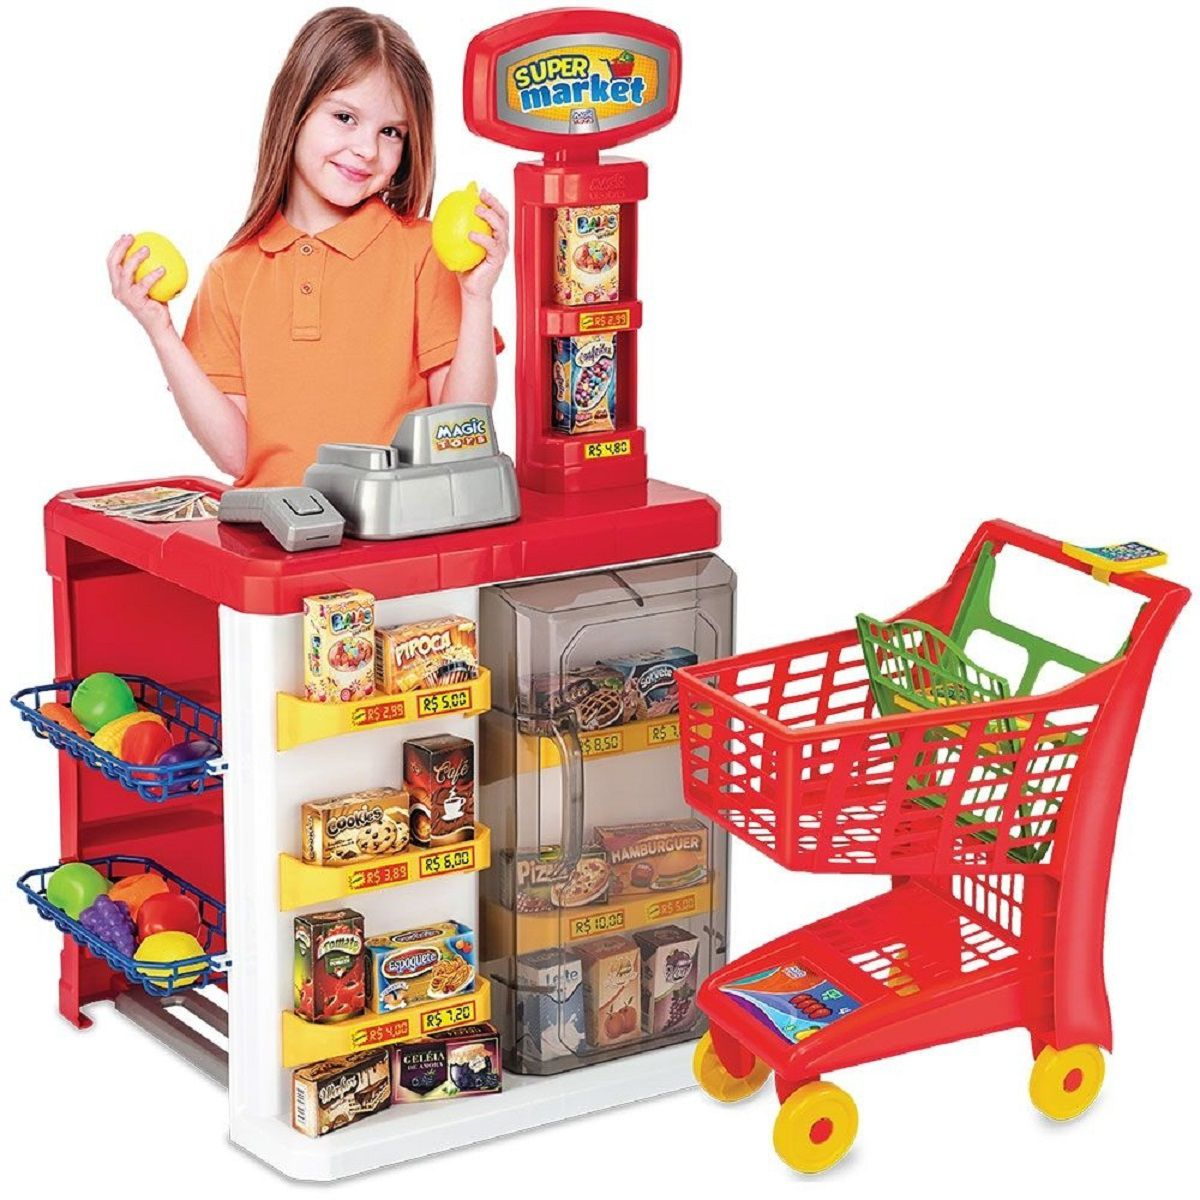 Brinquedo de Faz de Conta Super Market com Carrinho de Compras - Magic Toys